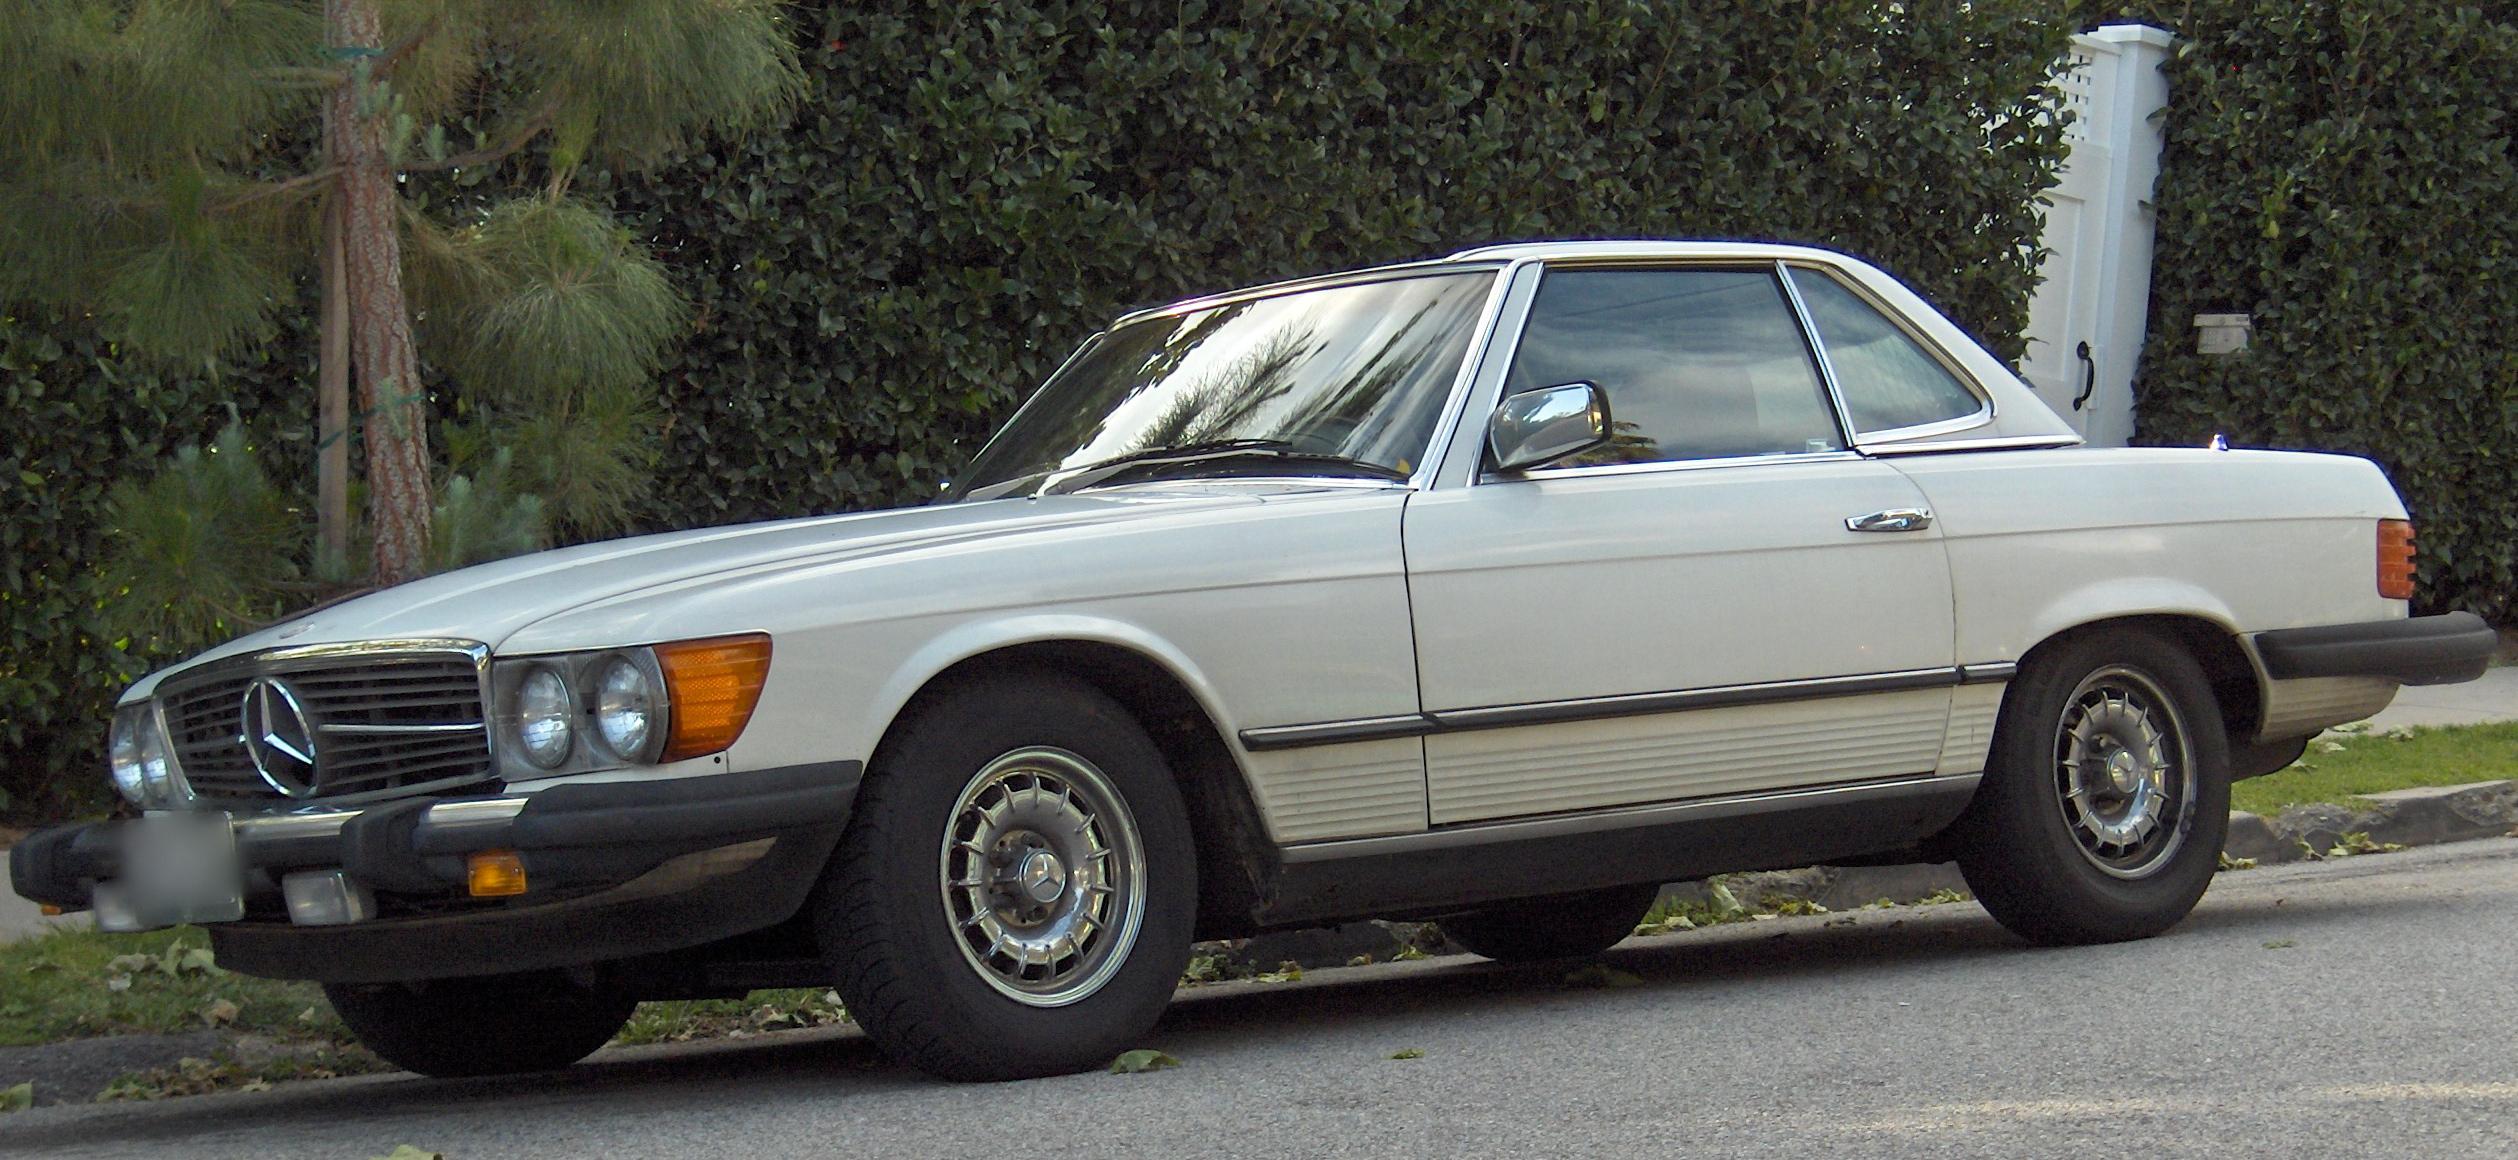 Vintage part source mercedes benz parts autos post for Mercedes benz parts